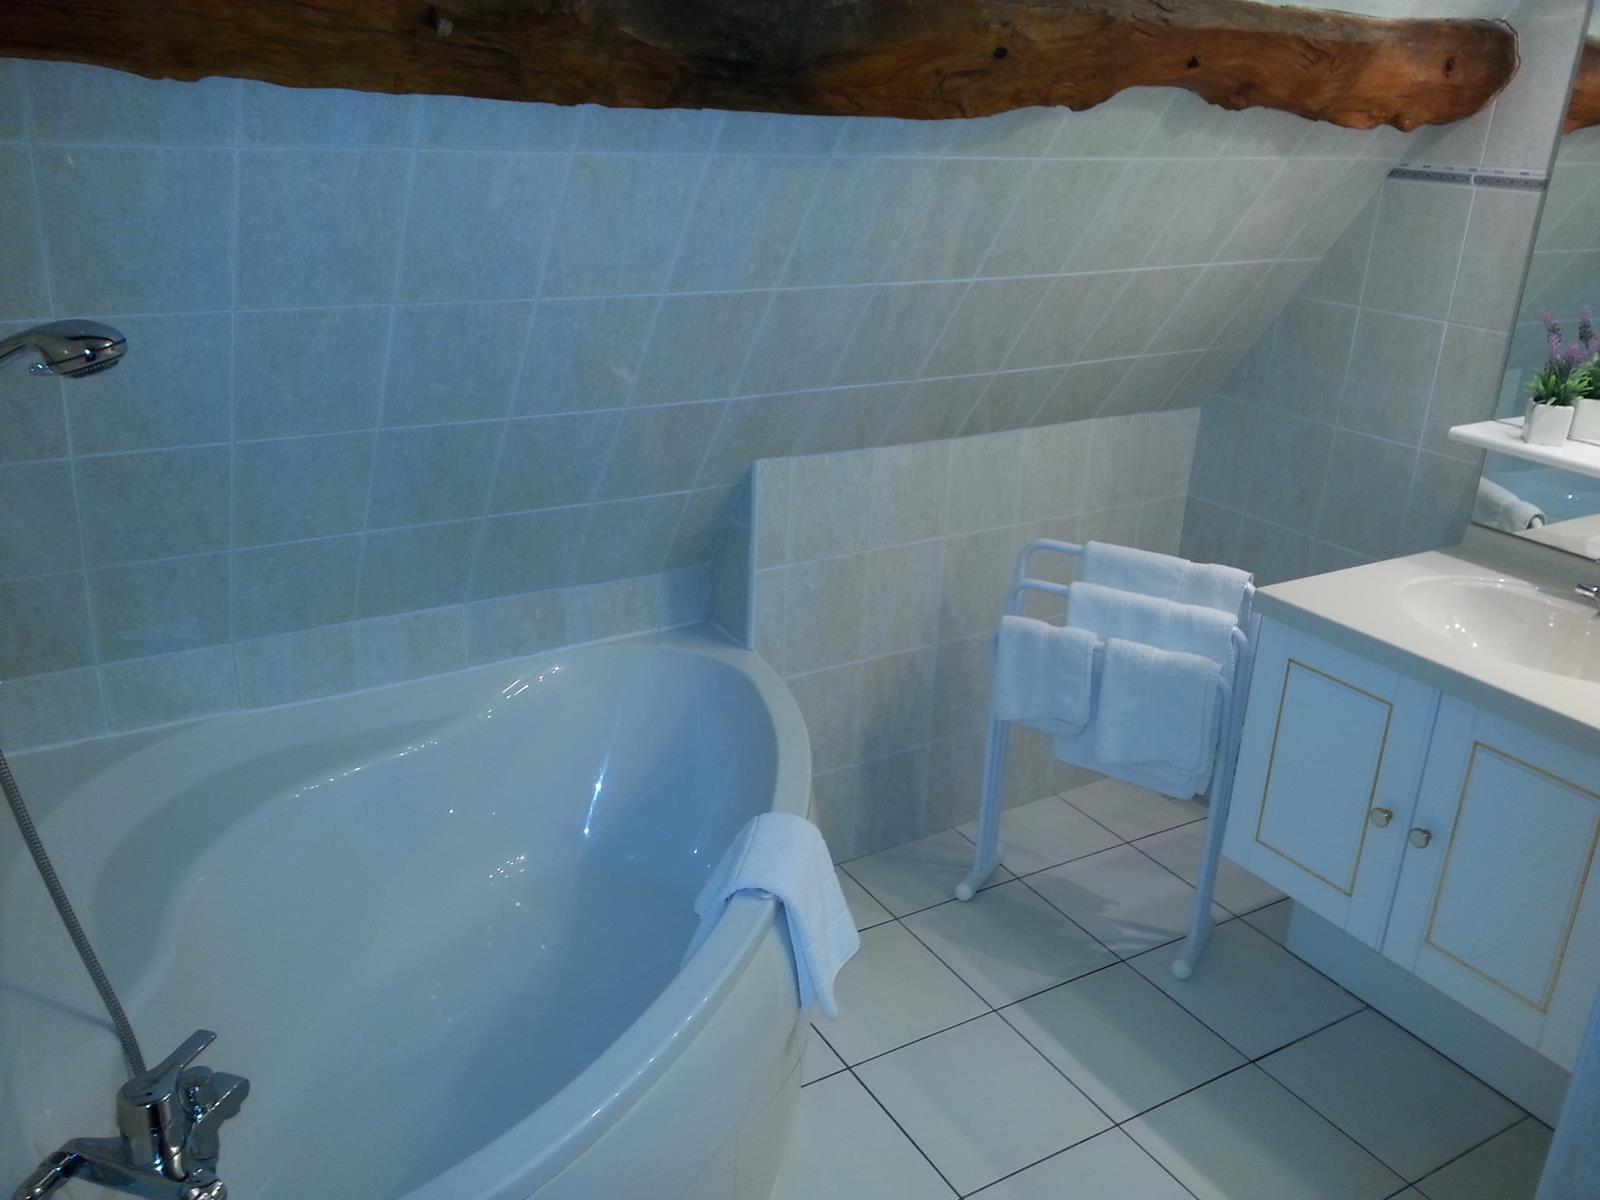 Salle de bain chambre d'hôtel